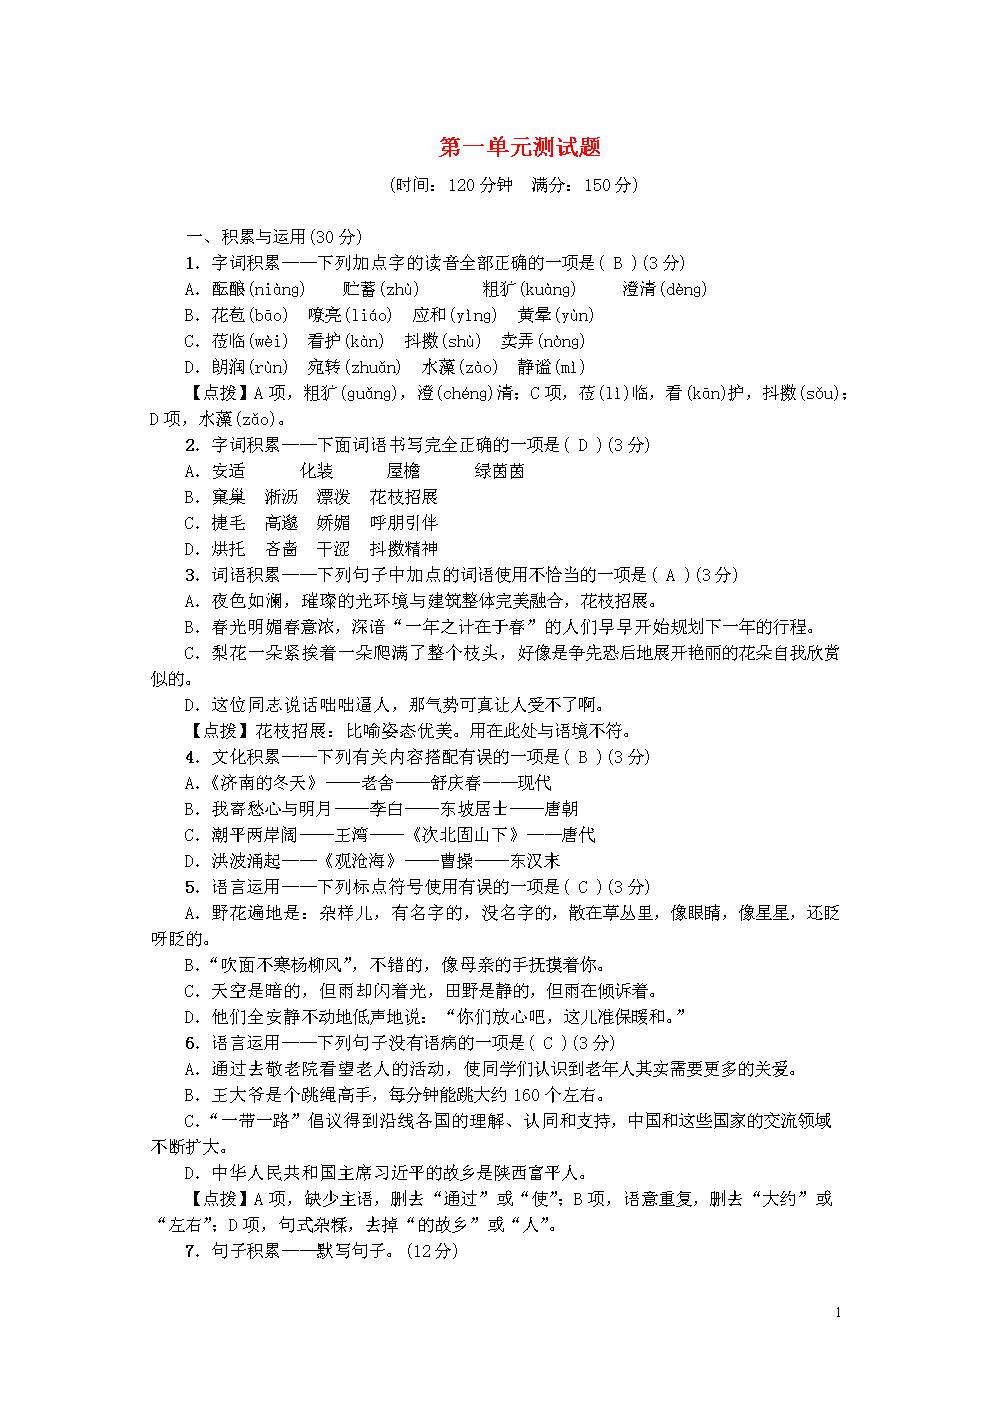 捷毛  高邈  娇媚  呼朋引伴 d.烘托  吝啬  干涩  抖擞精神 3.